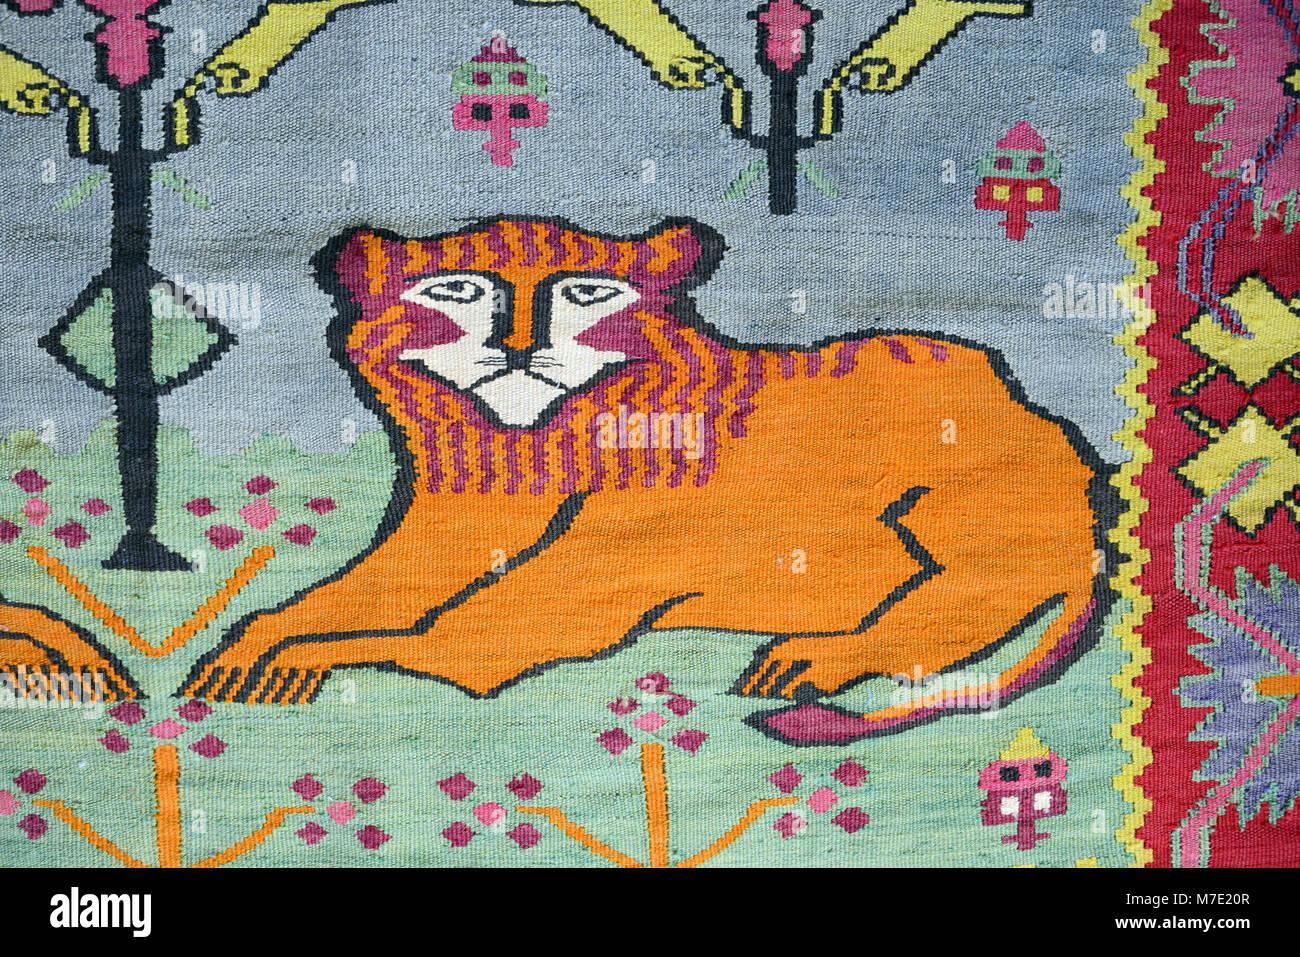 Motivo Leão estilizado em Arménio antigo tapete, alcatifa ou Kilim, Arménia Imagens de Stock